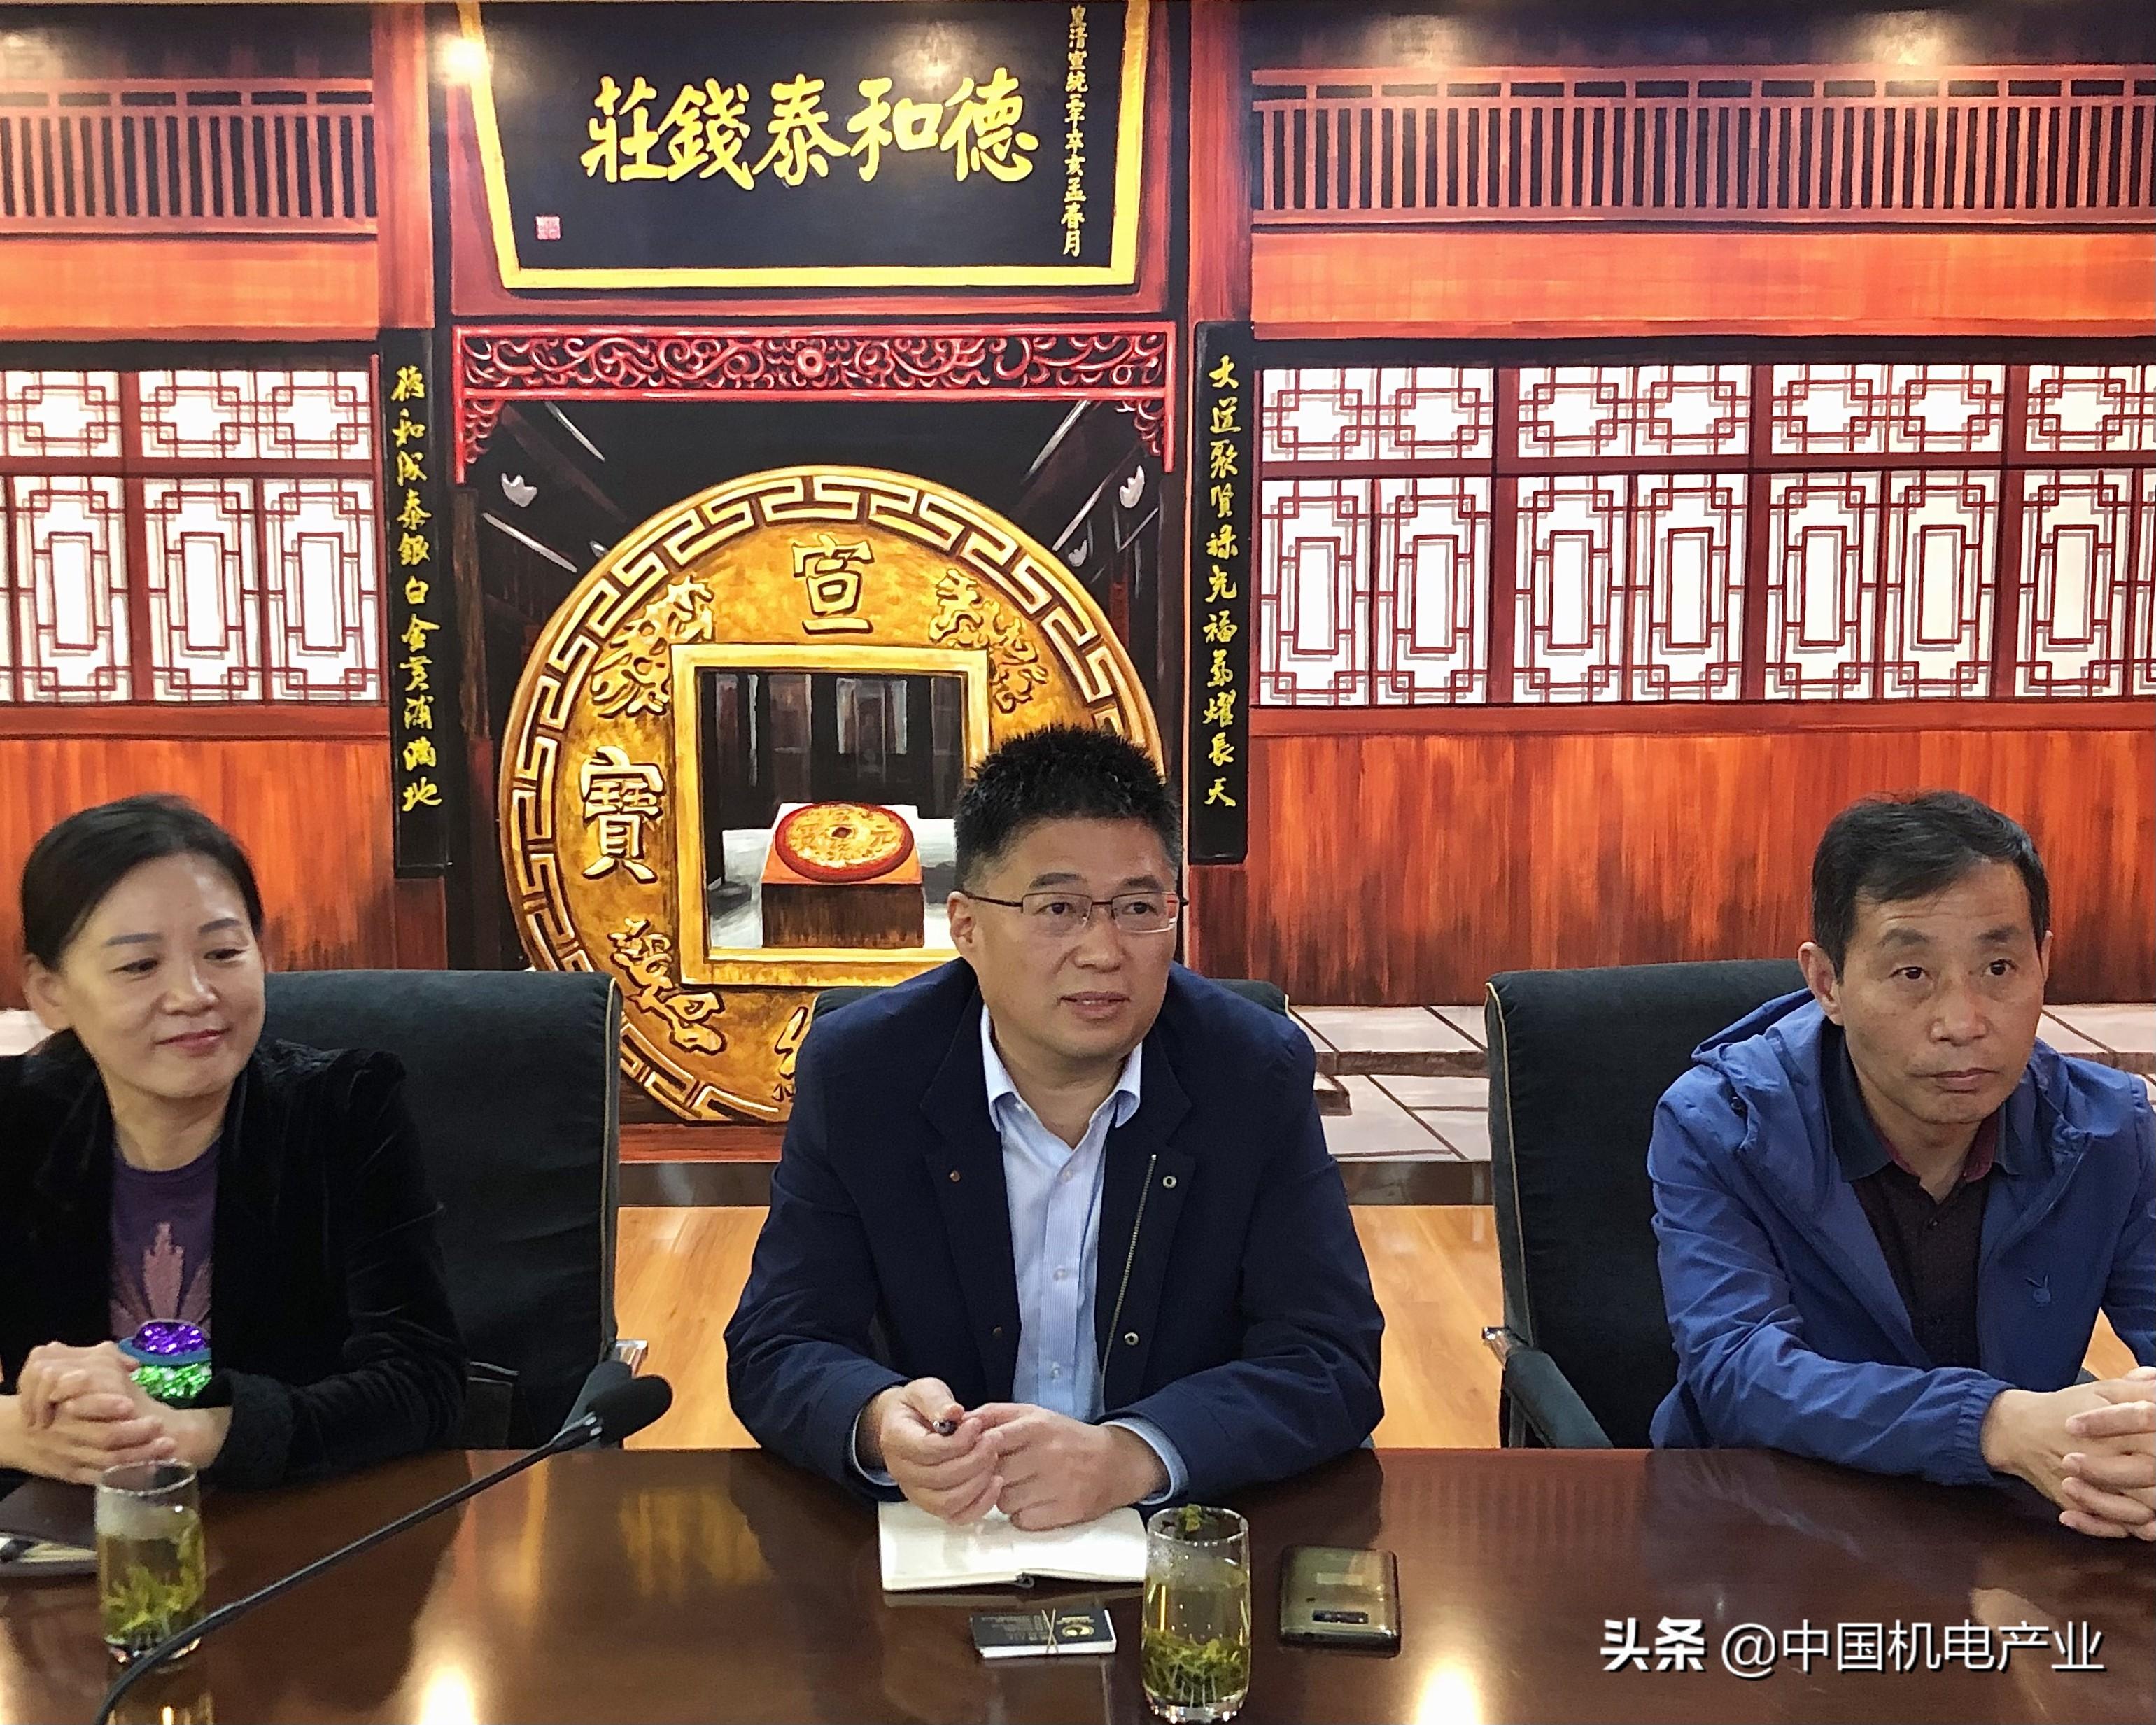 安徽省蚌埠市市场监管局领导莅临德和泰集团调研